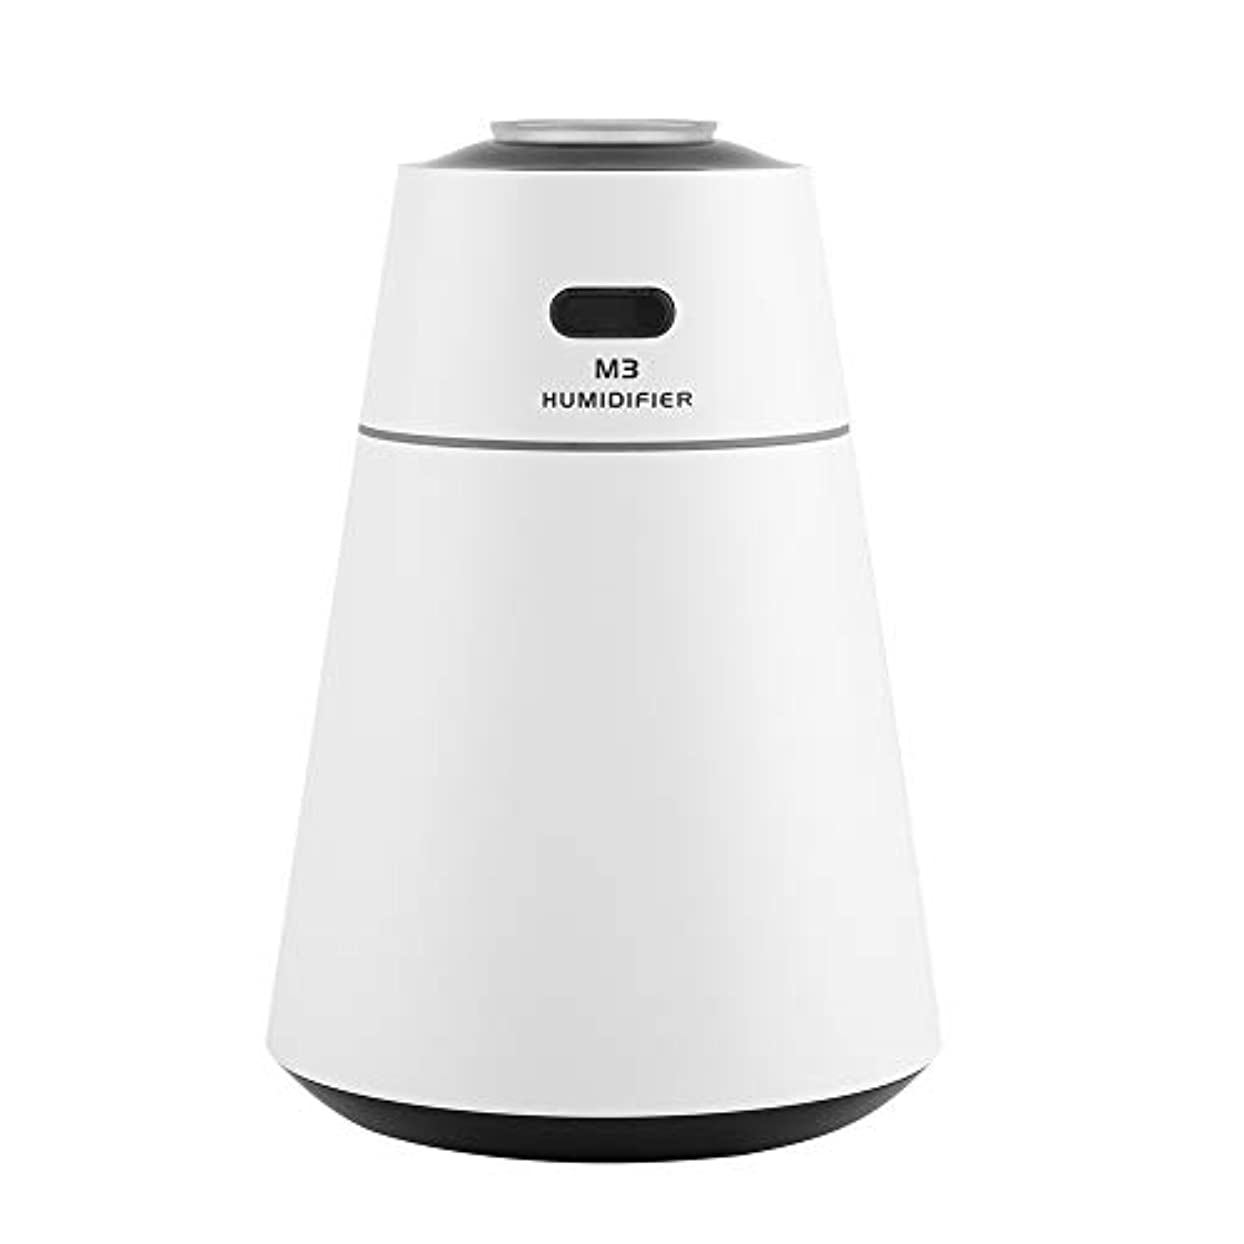 赤面ブロック円周投影の拡散器、オフィスの家のためのUSBの極度の超音波加湿器の拡散器7色の夜ライト(白)